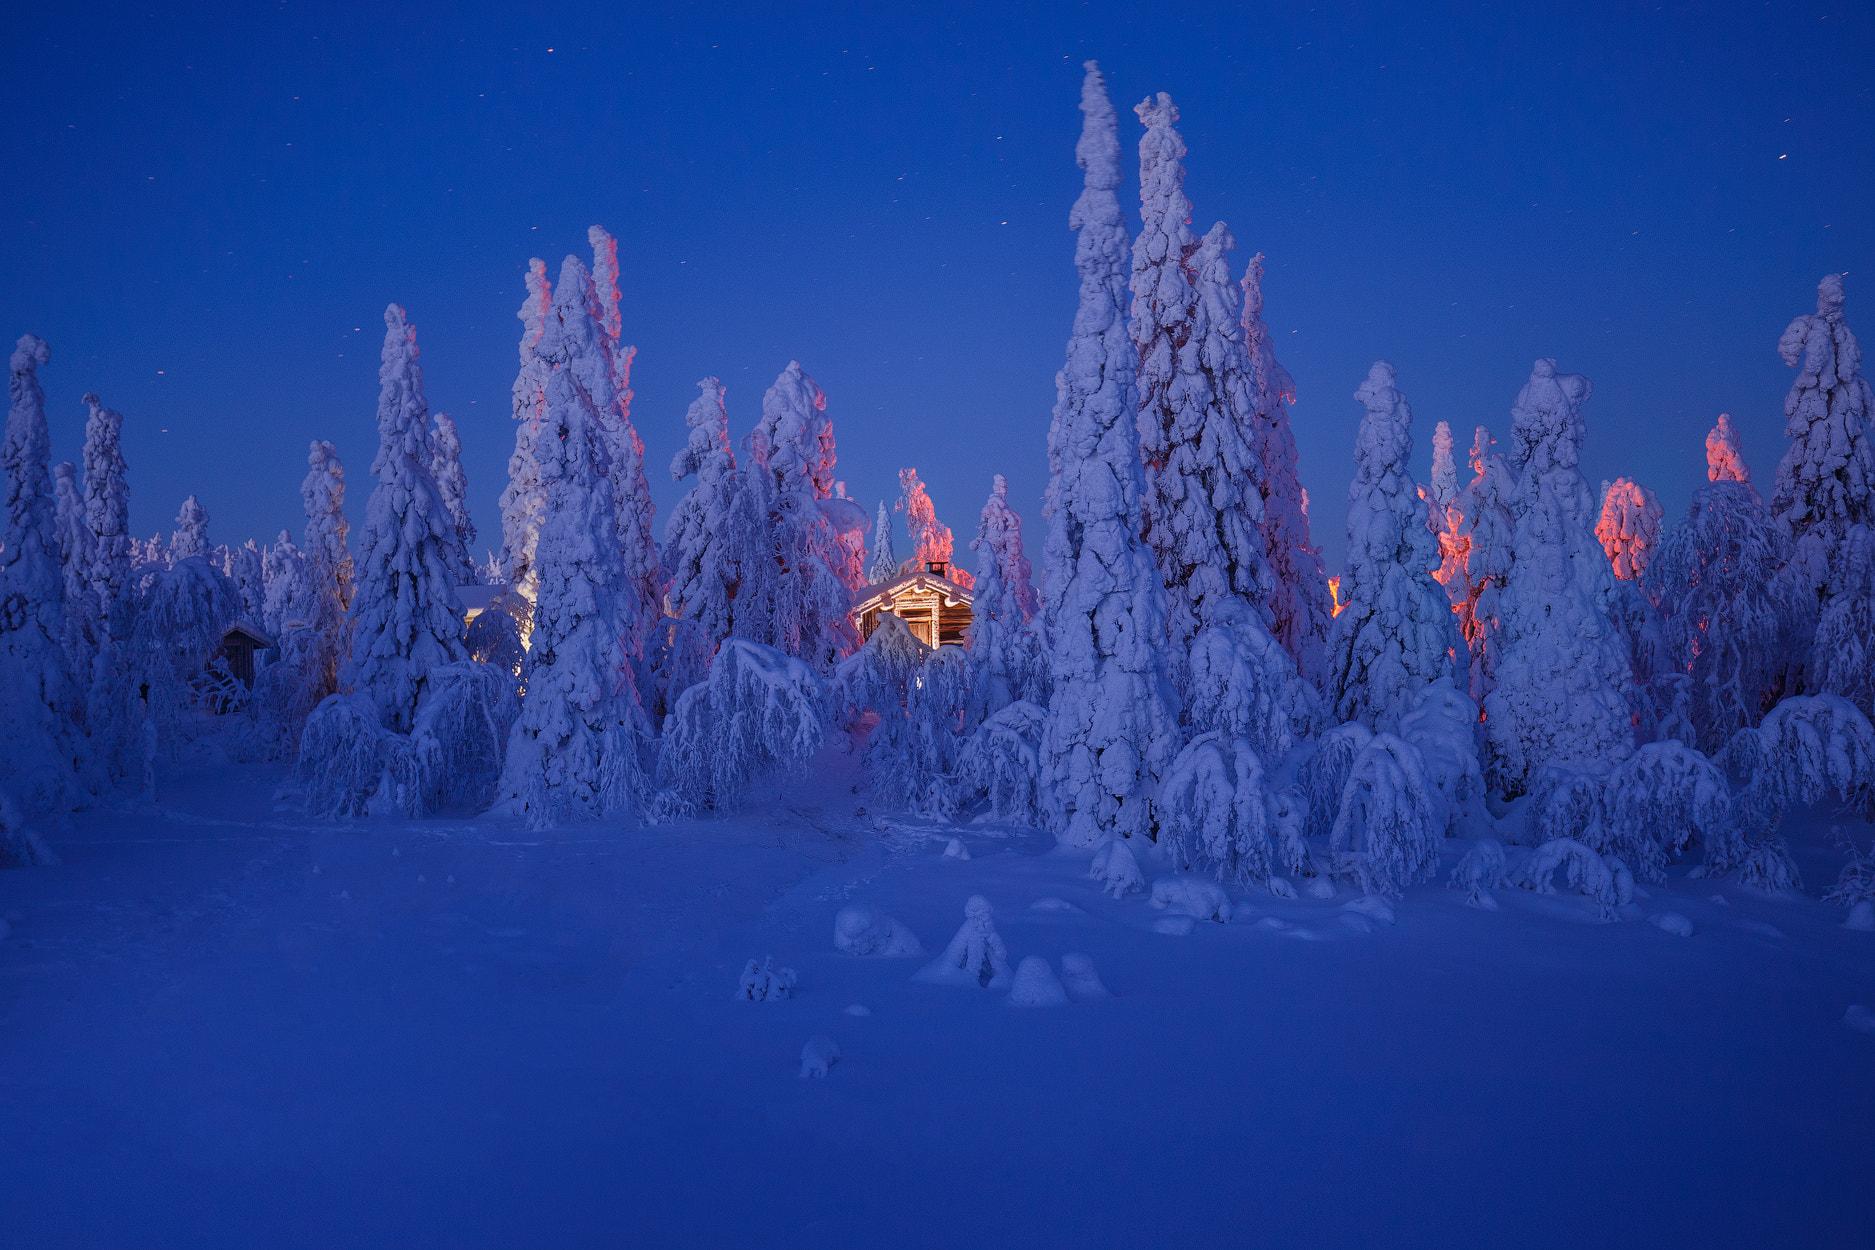 Расчудесный зимний вечер -звёздных высей благодать... фотограф не Andrew Bazanov